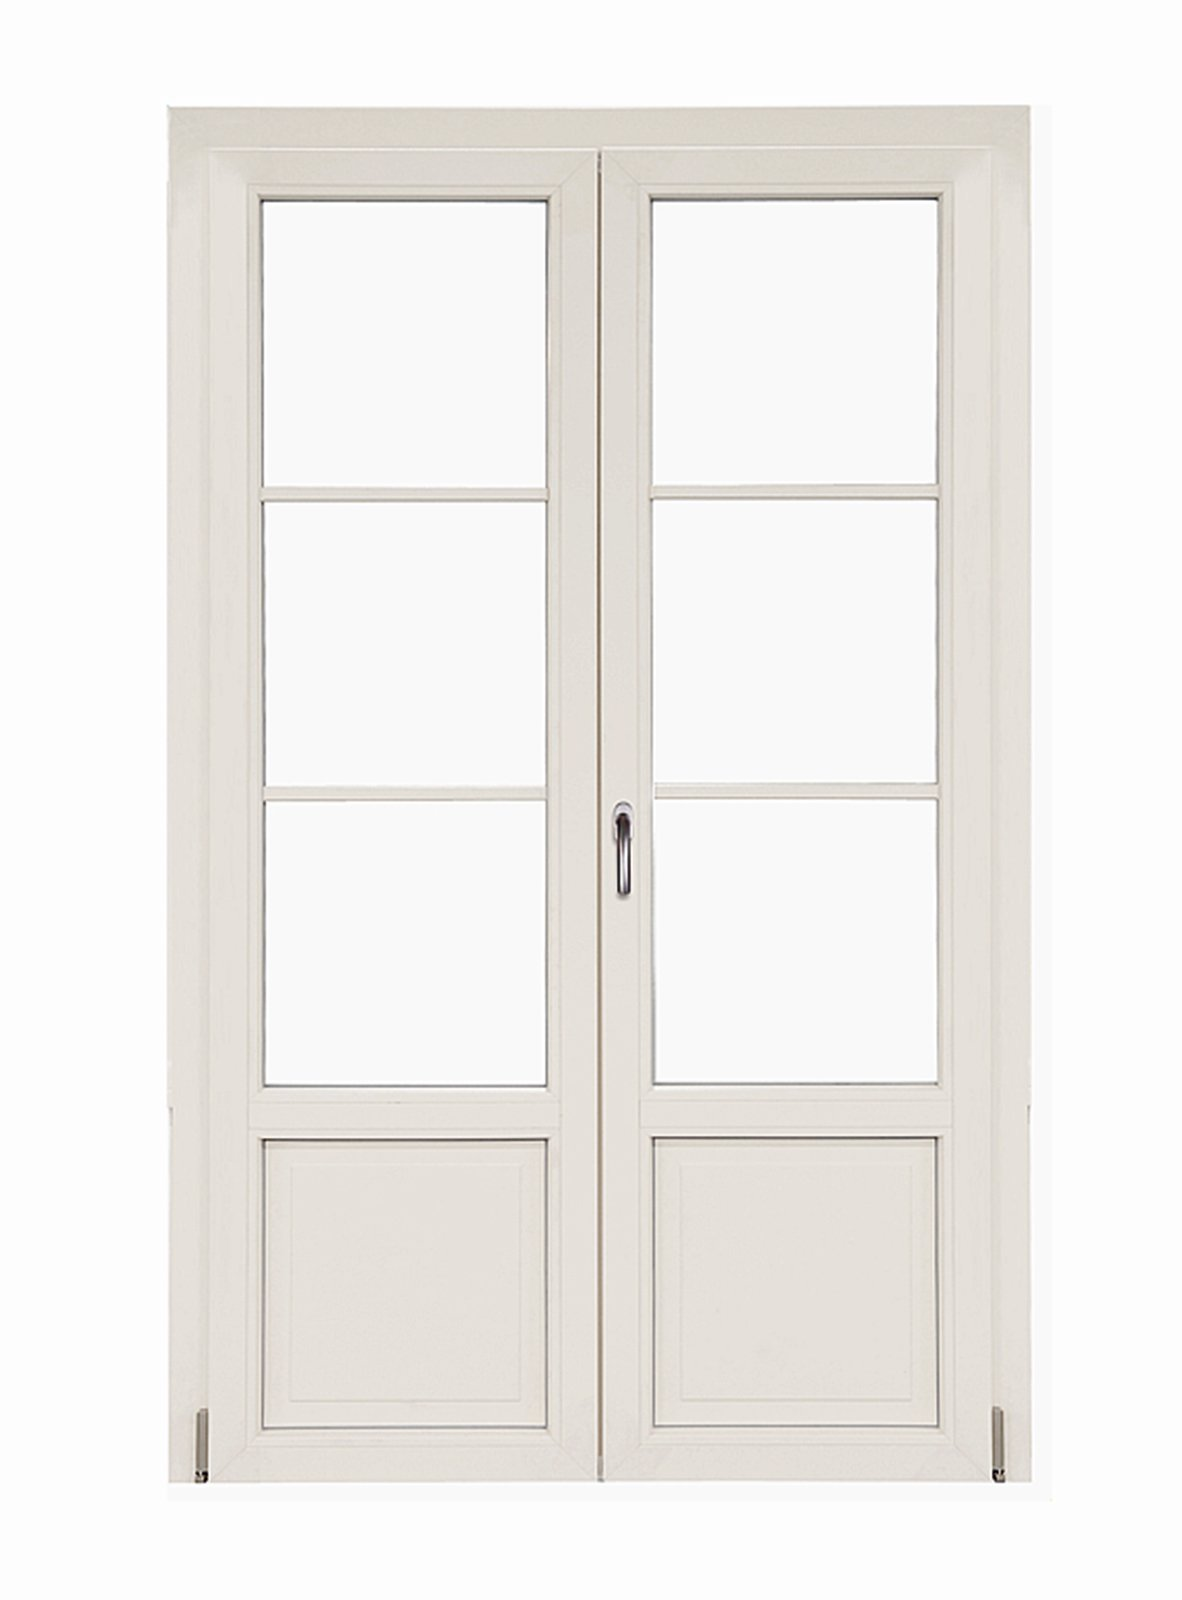 Sostituire le finestre 14 fasi di lavoro cose di casa for Finestre in pvc quanto costa